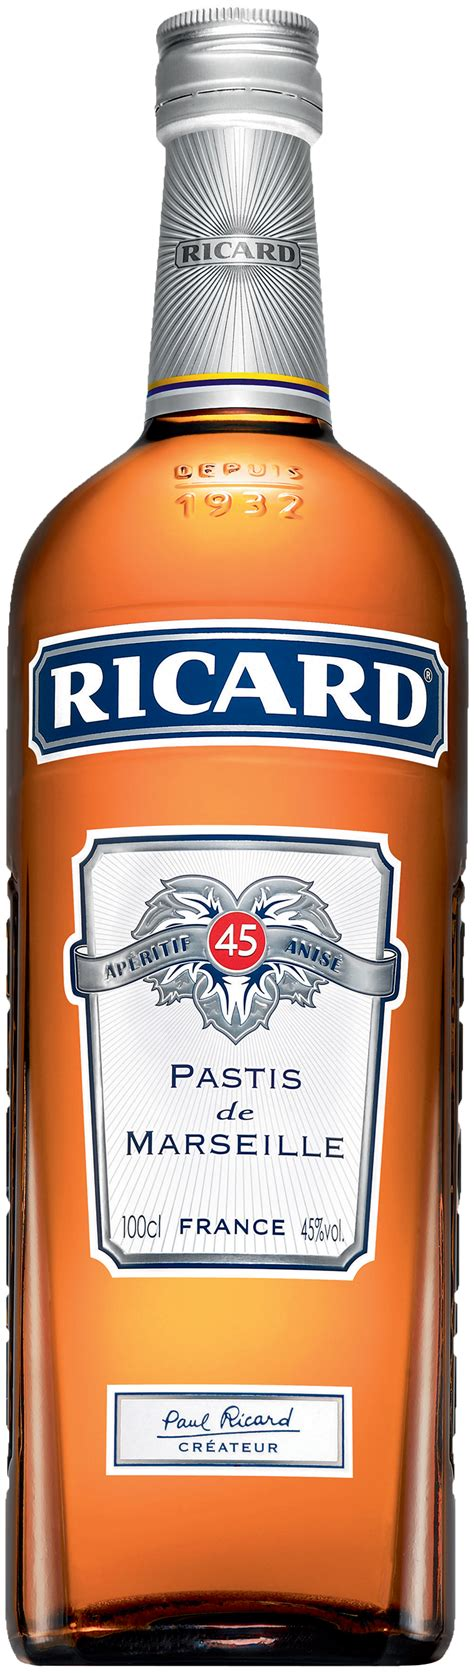 pernod ricard si鑒e social ricard pernod ricard